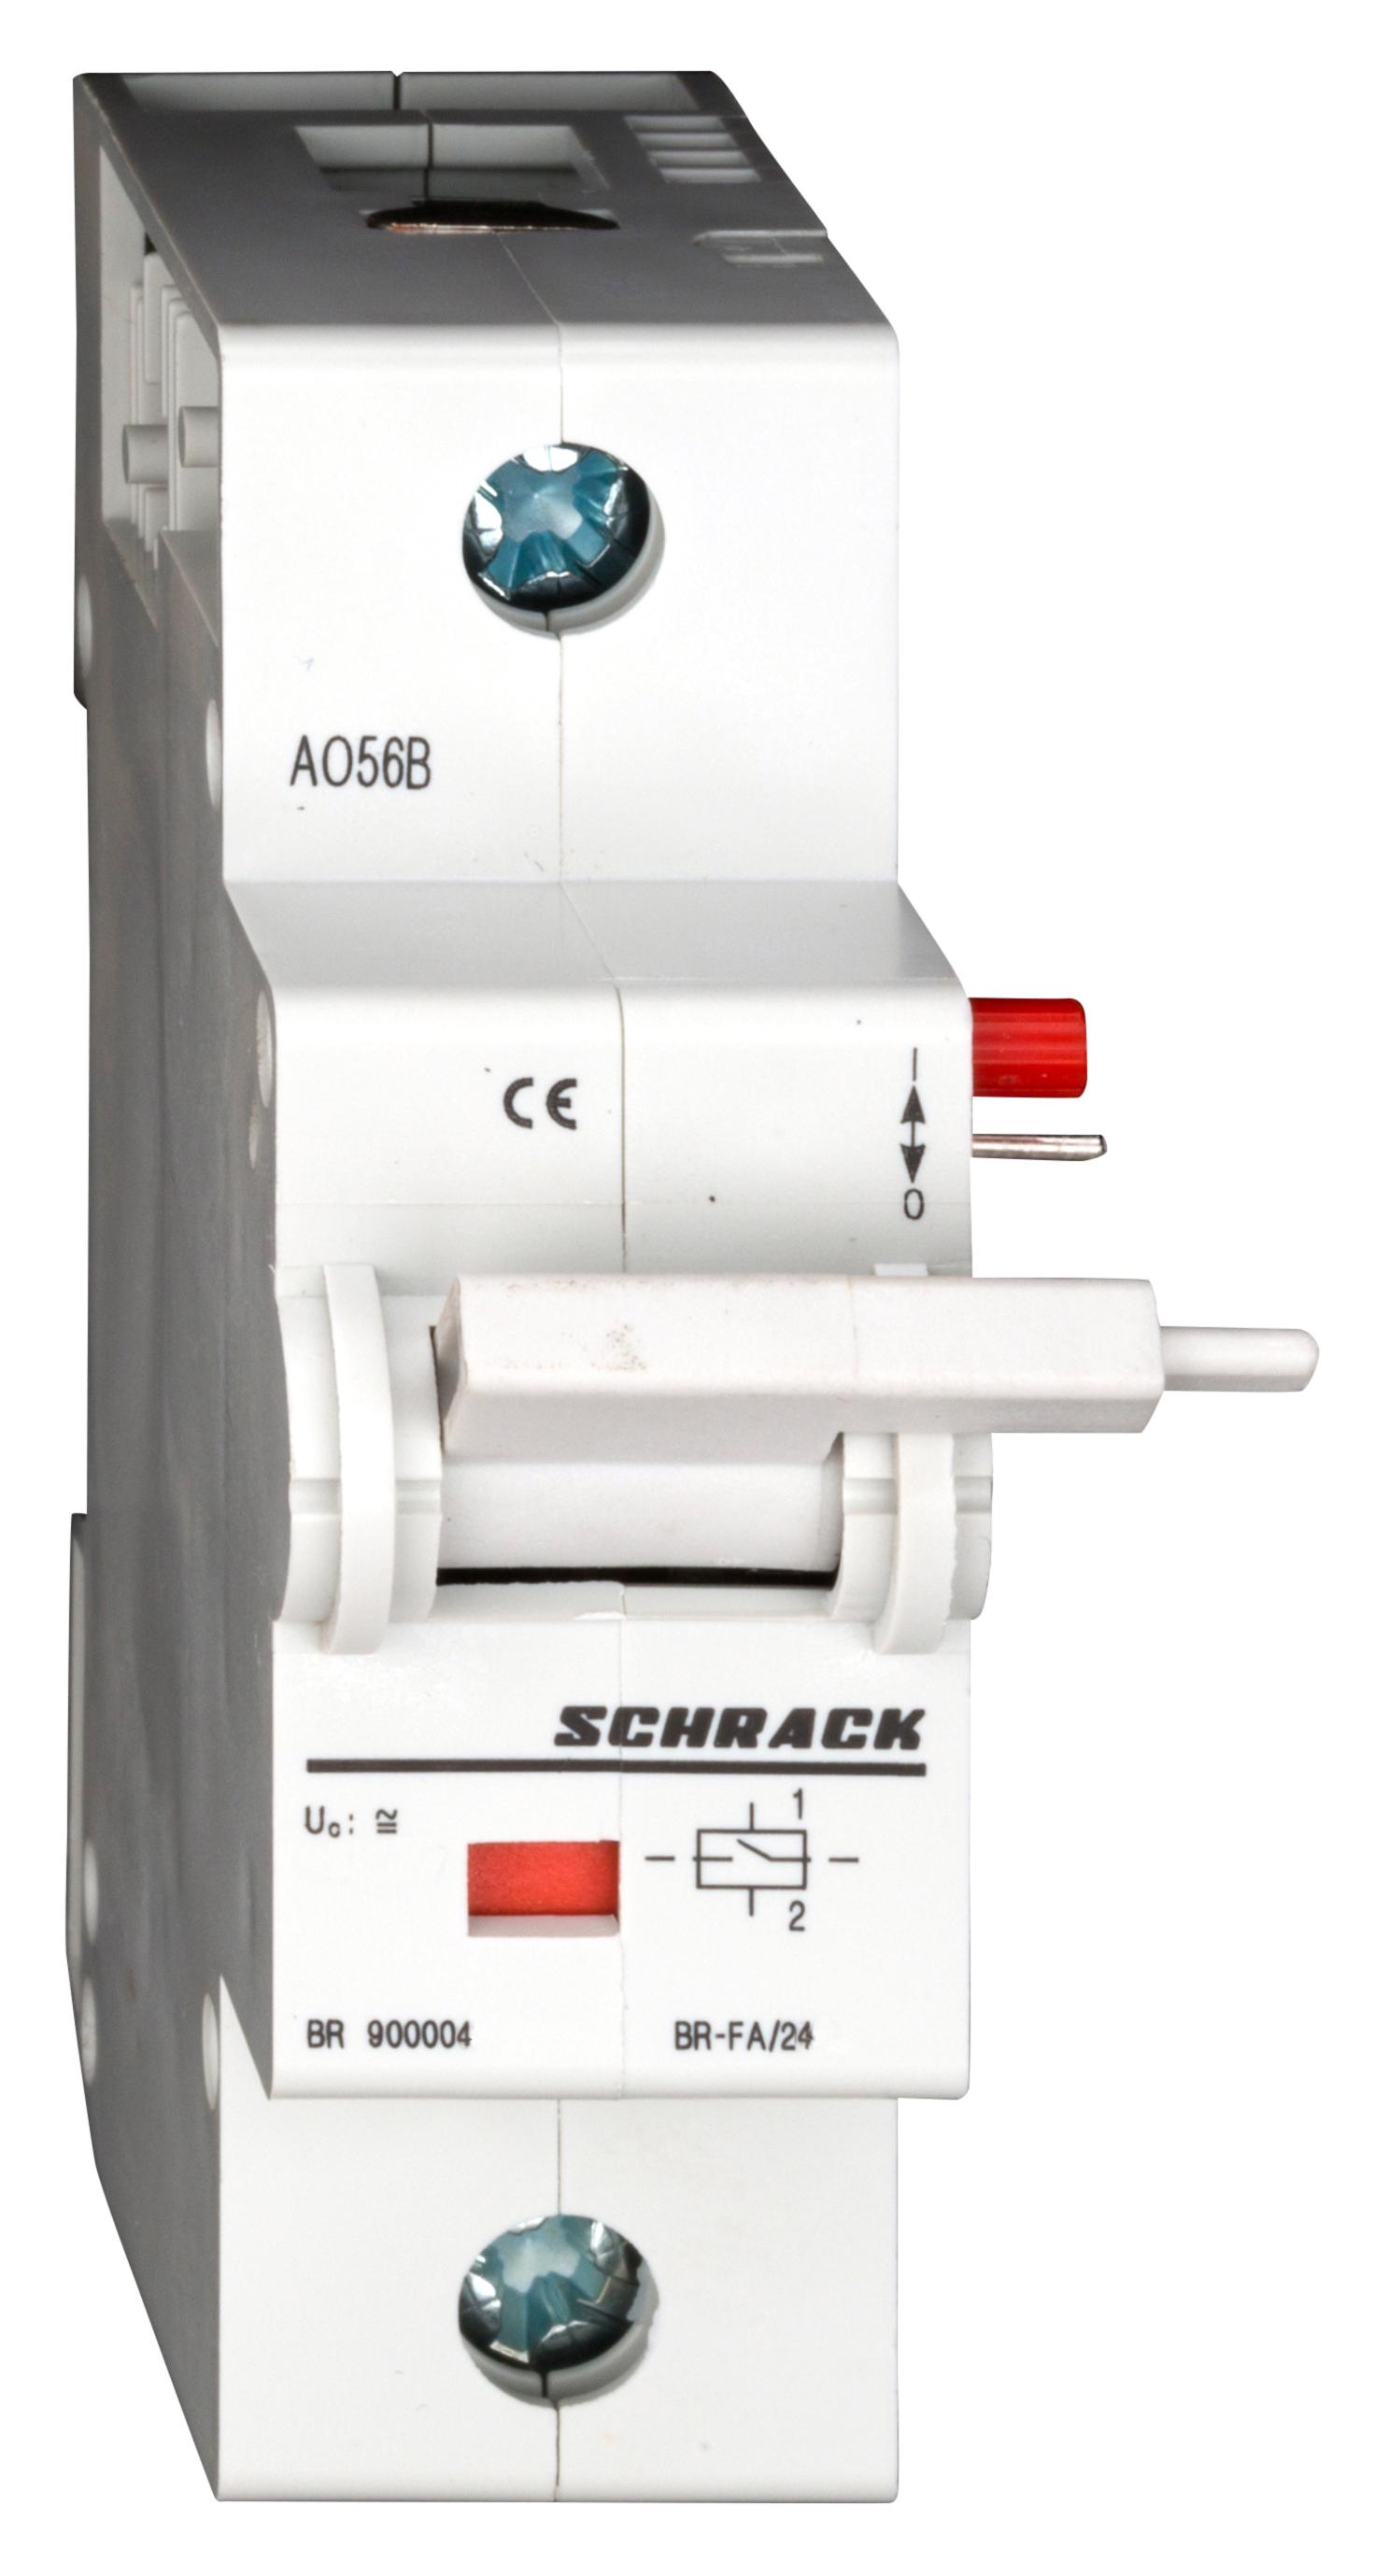 1 Stk Arbeitsstromauslöser 24V BR-FA24 BR900004--